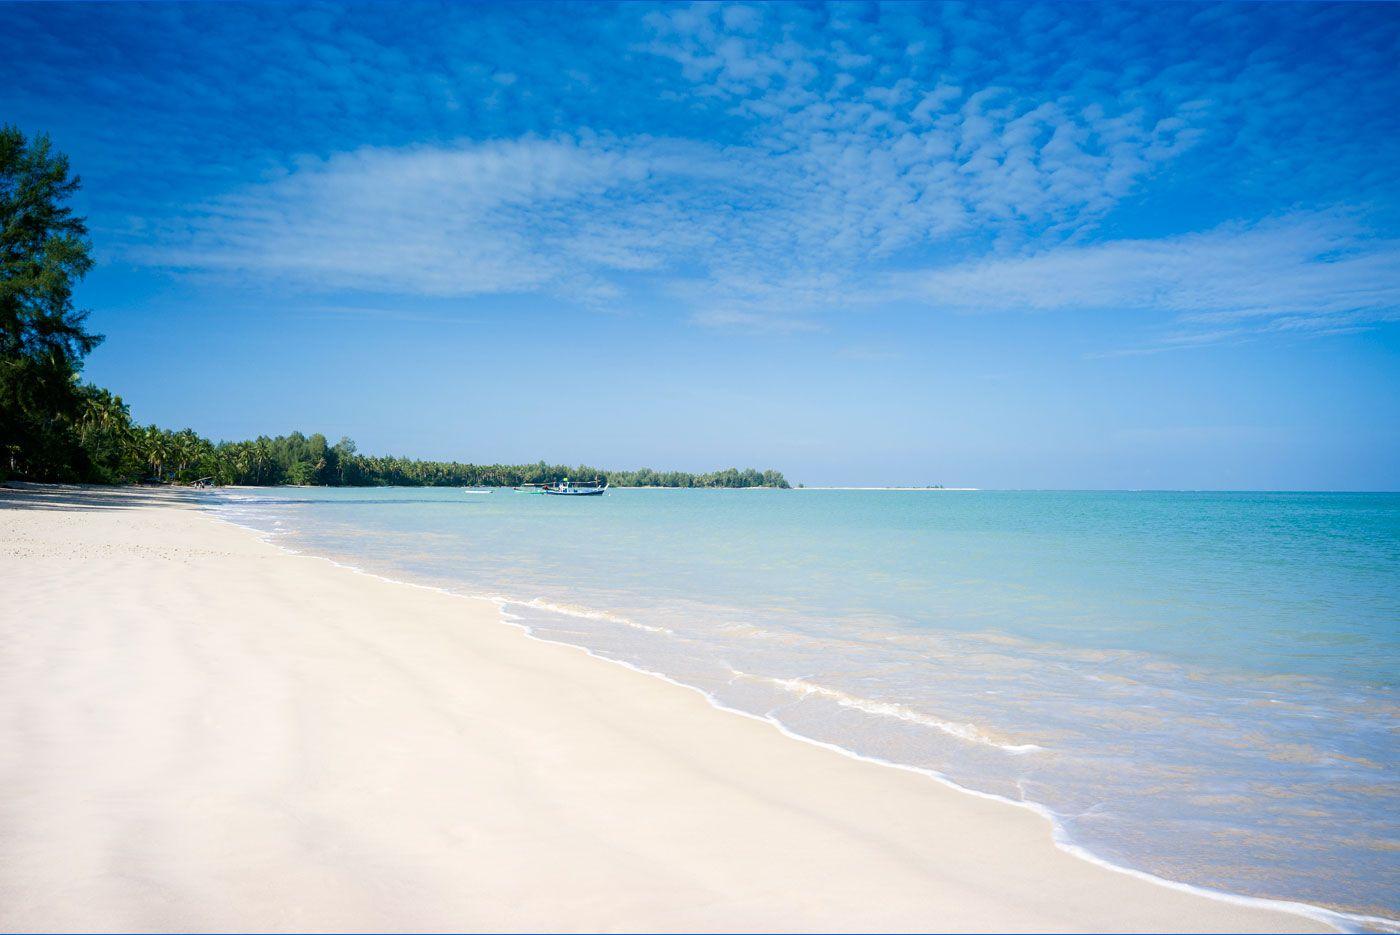 Khao Lak beach, Phang Nga, Thailand ✯ ωнιмѕу ѕαη∂у